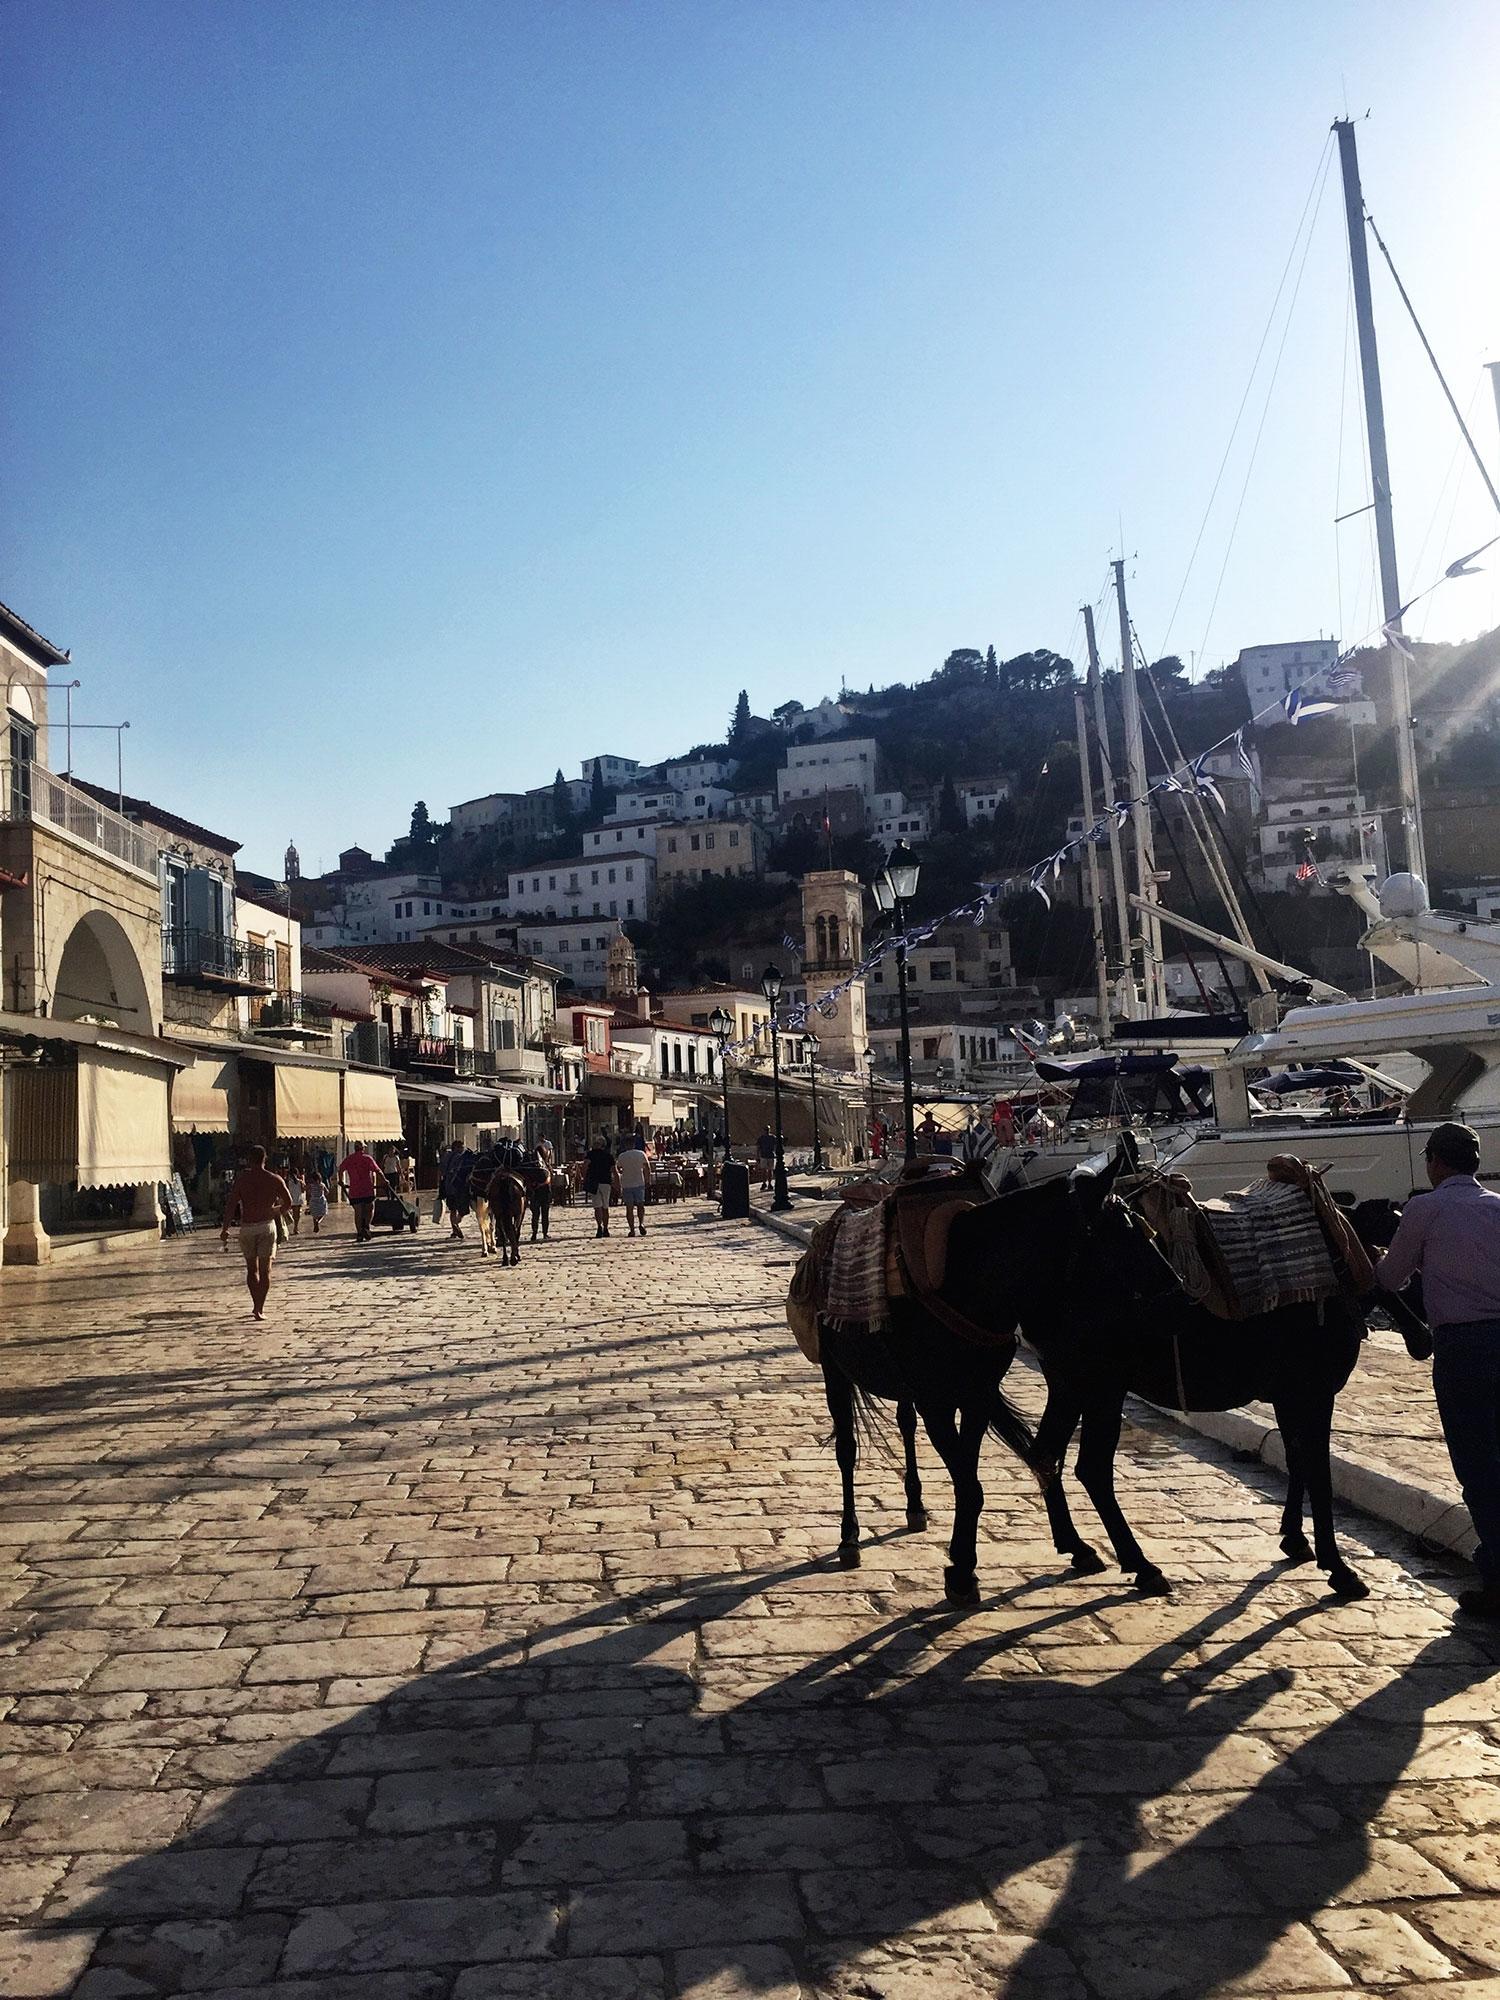 Groups walking along The Port next to docked boats and saddled donkeys